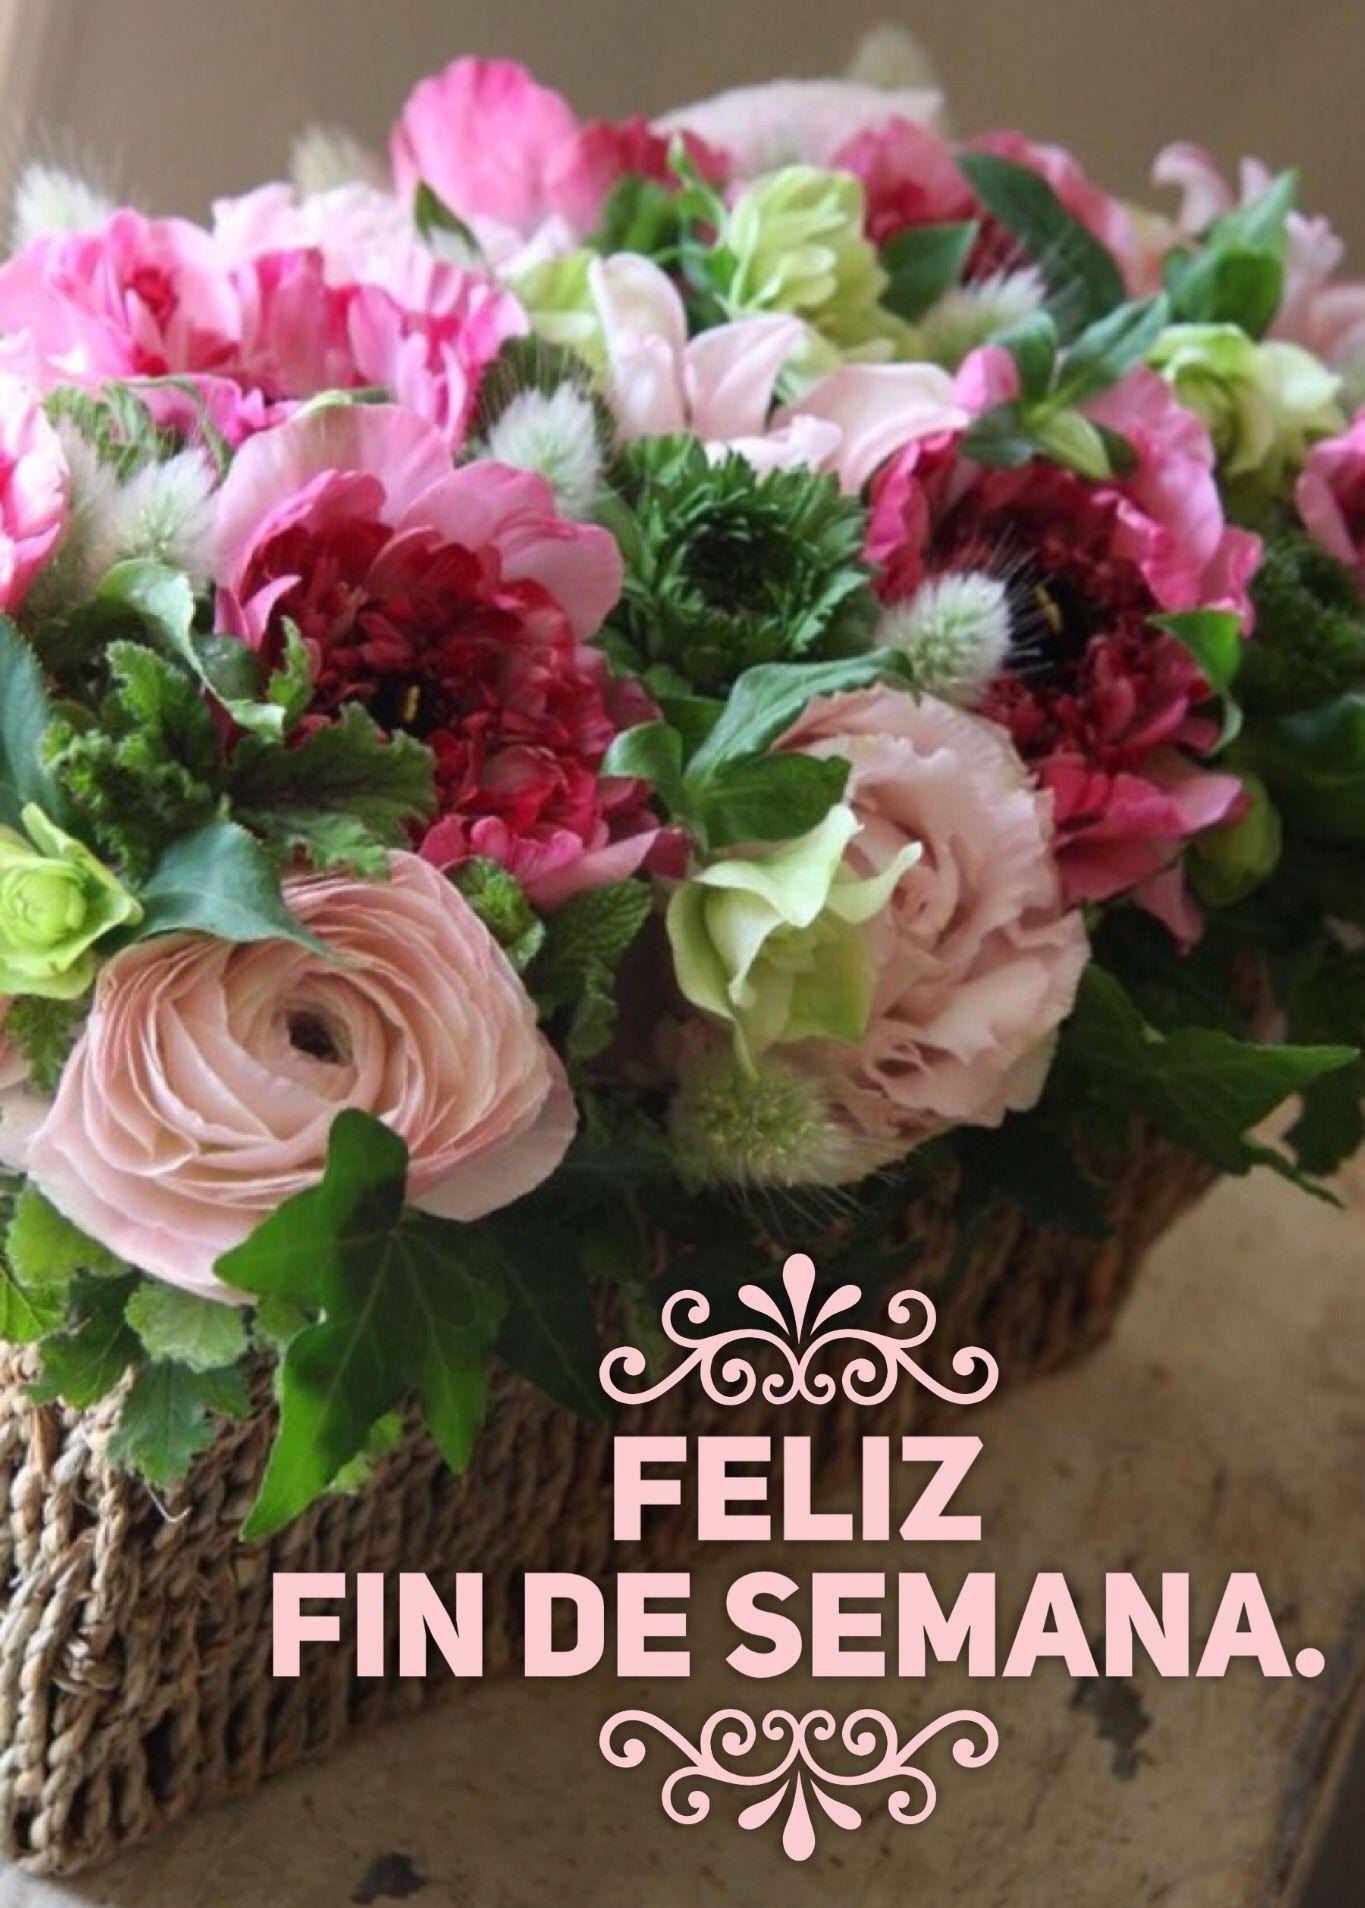 Resultado de imagen de feliz fin de semana con flores